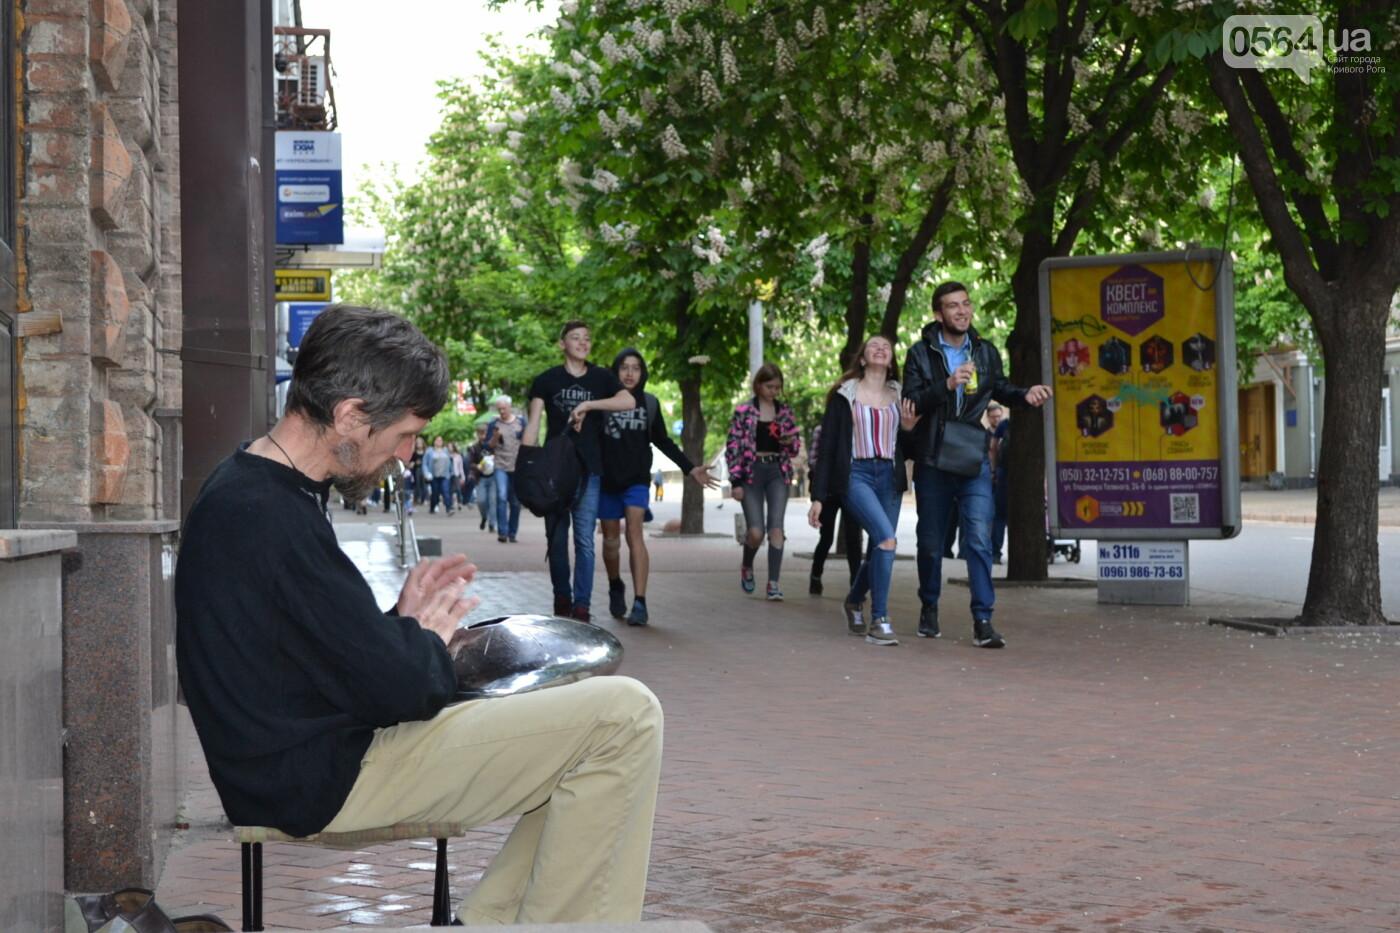 Играют все: на проспекте Почтовом в Кривом Роге проходит фестиваль уличной музыки, - ФОТО, ВИДЕО, фото-1